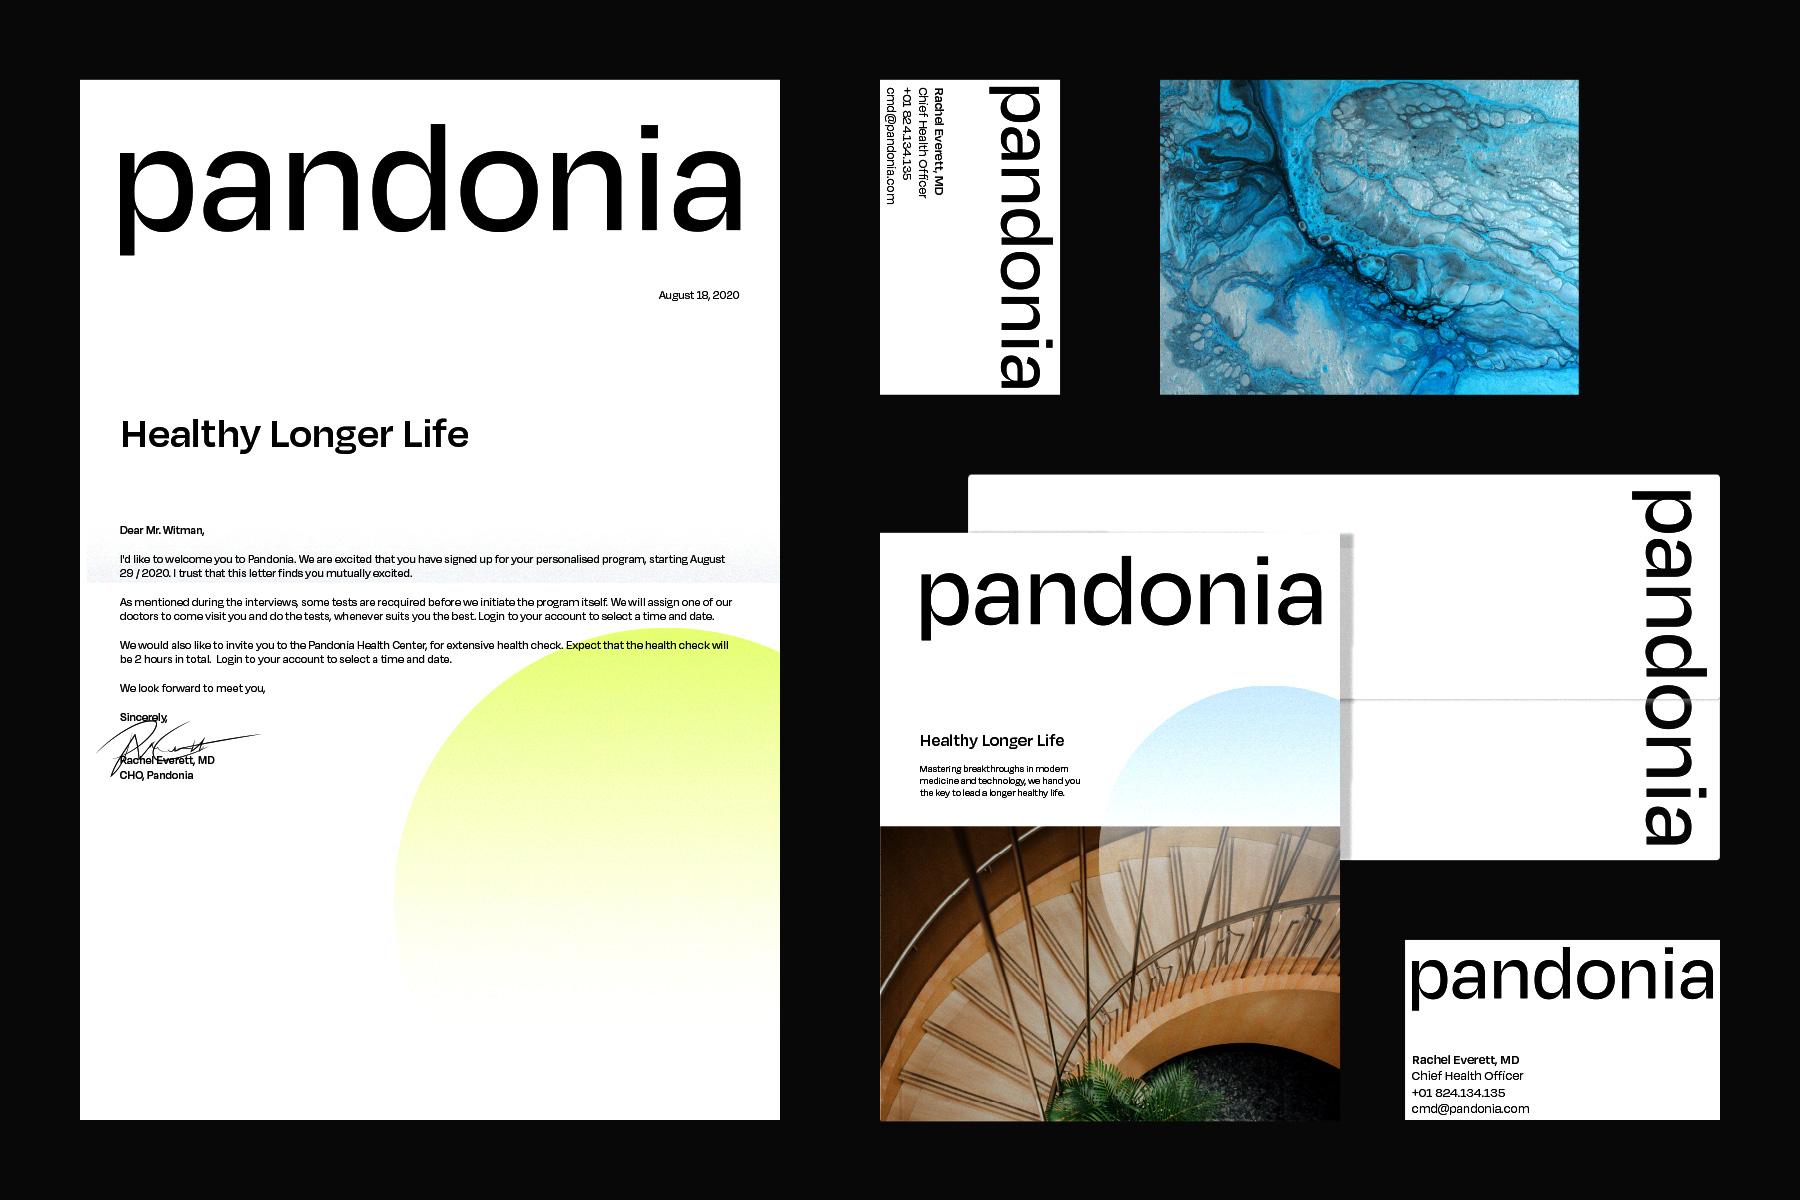 Eskild_Hansen_Pandonia_ehbd11